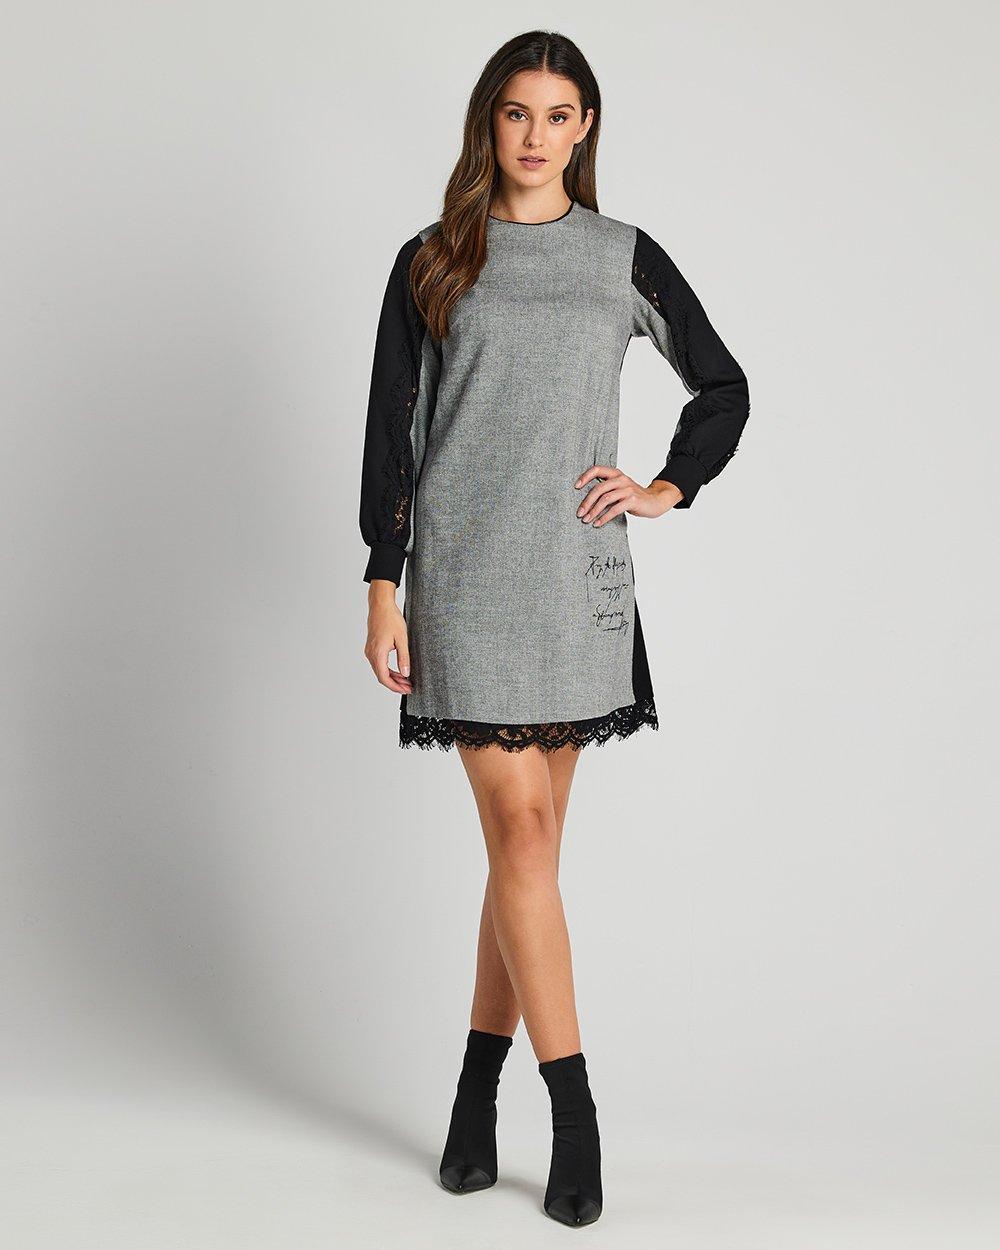 Φόρεμα με διχρωμία και δαντέλα στο τελείωμα